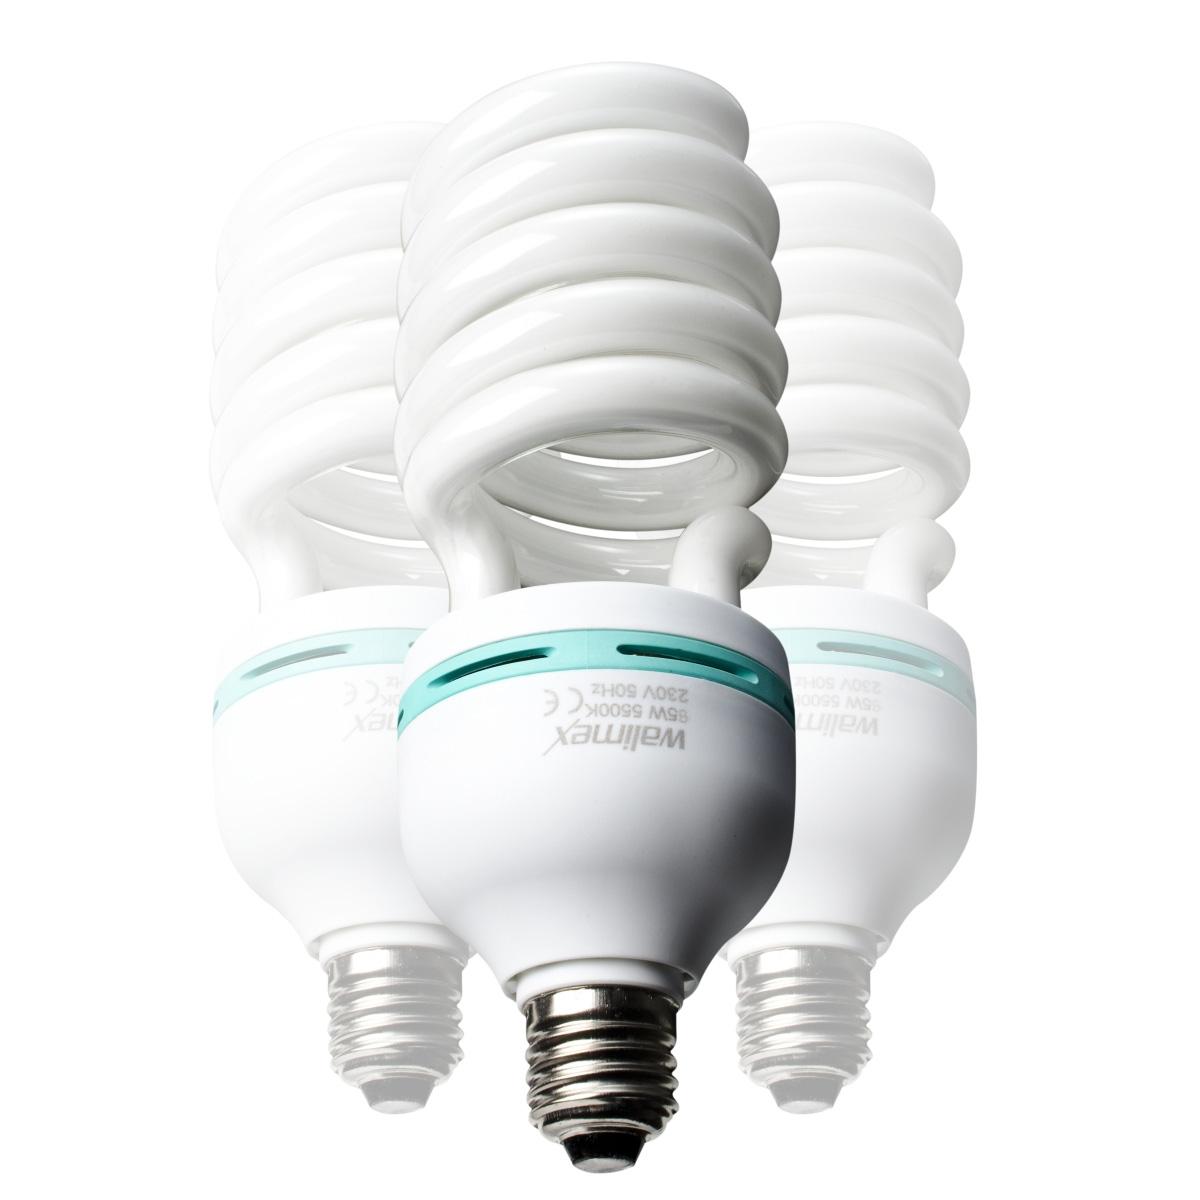 3x Walimex Spiral-Tageslichtlampe 85 W, 3er Set